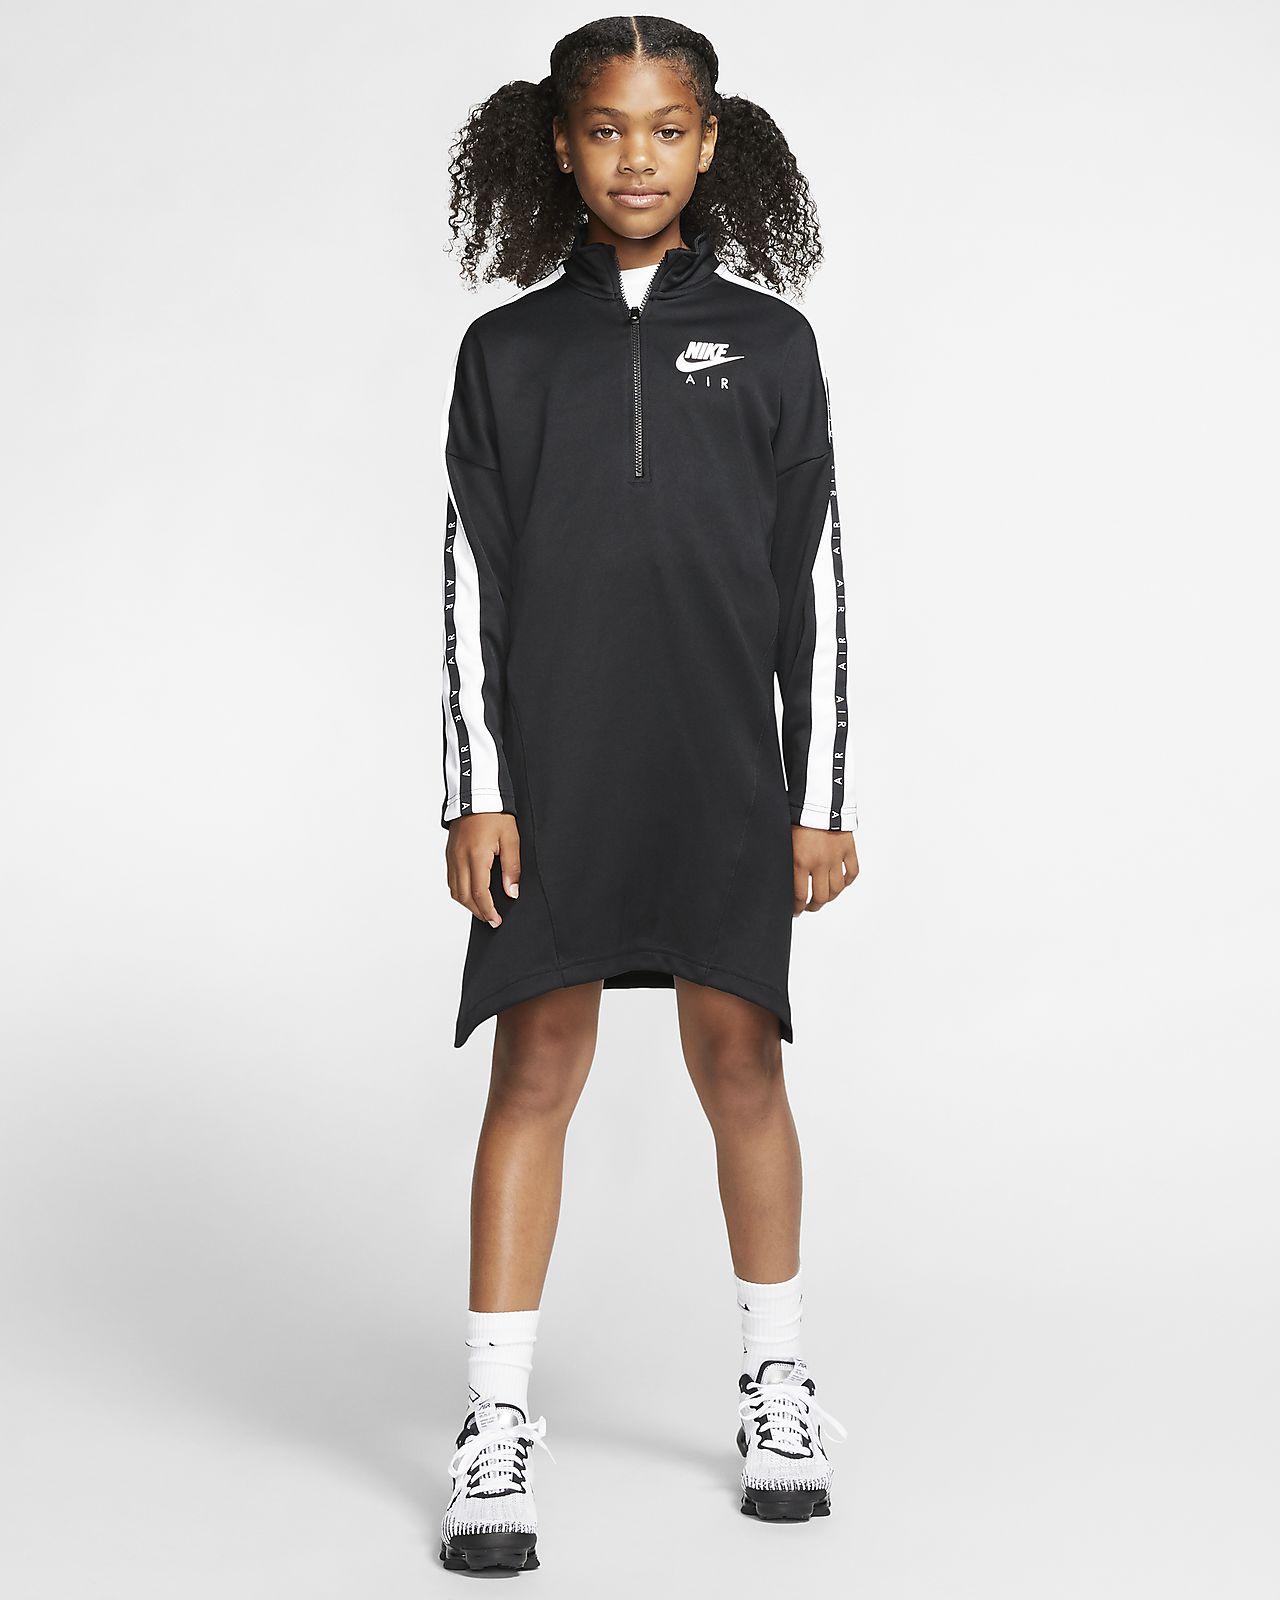 Klänning Nike Air för ungdom (tjejer)